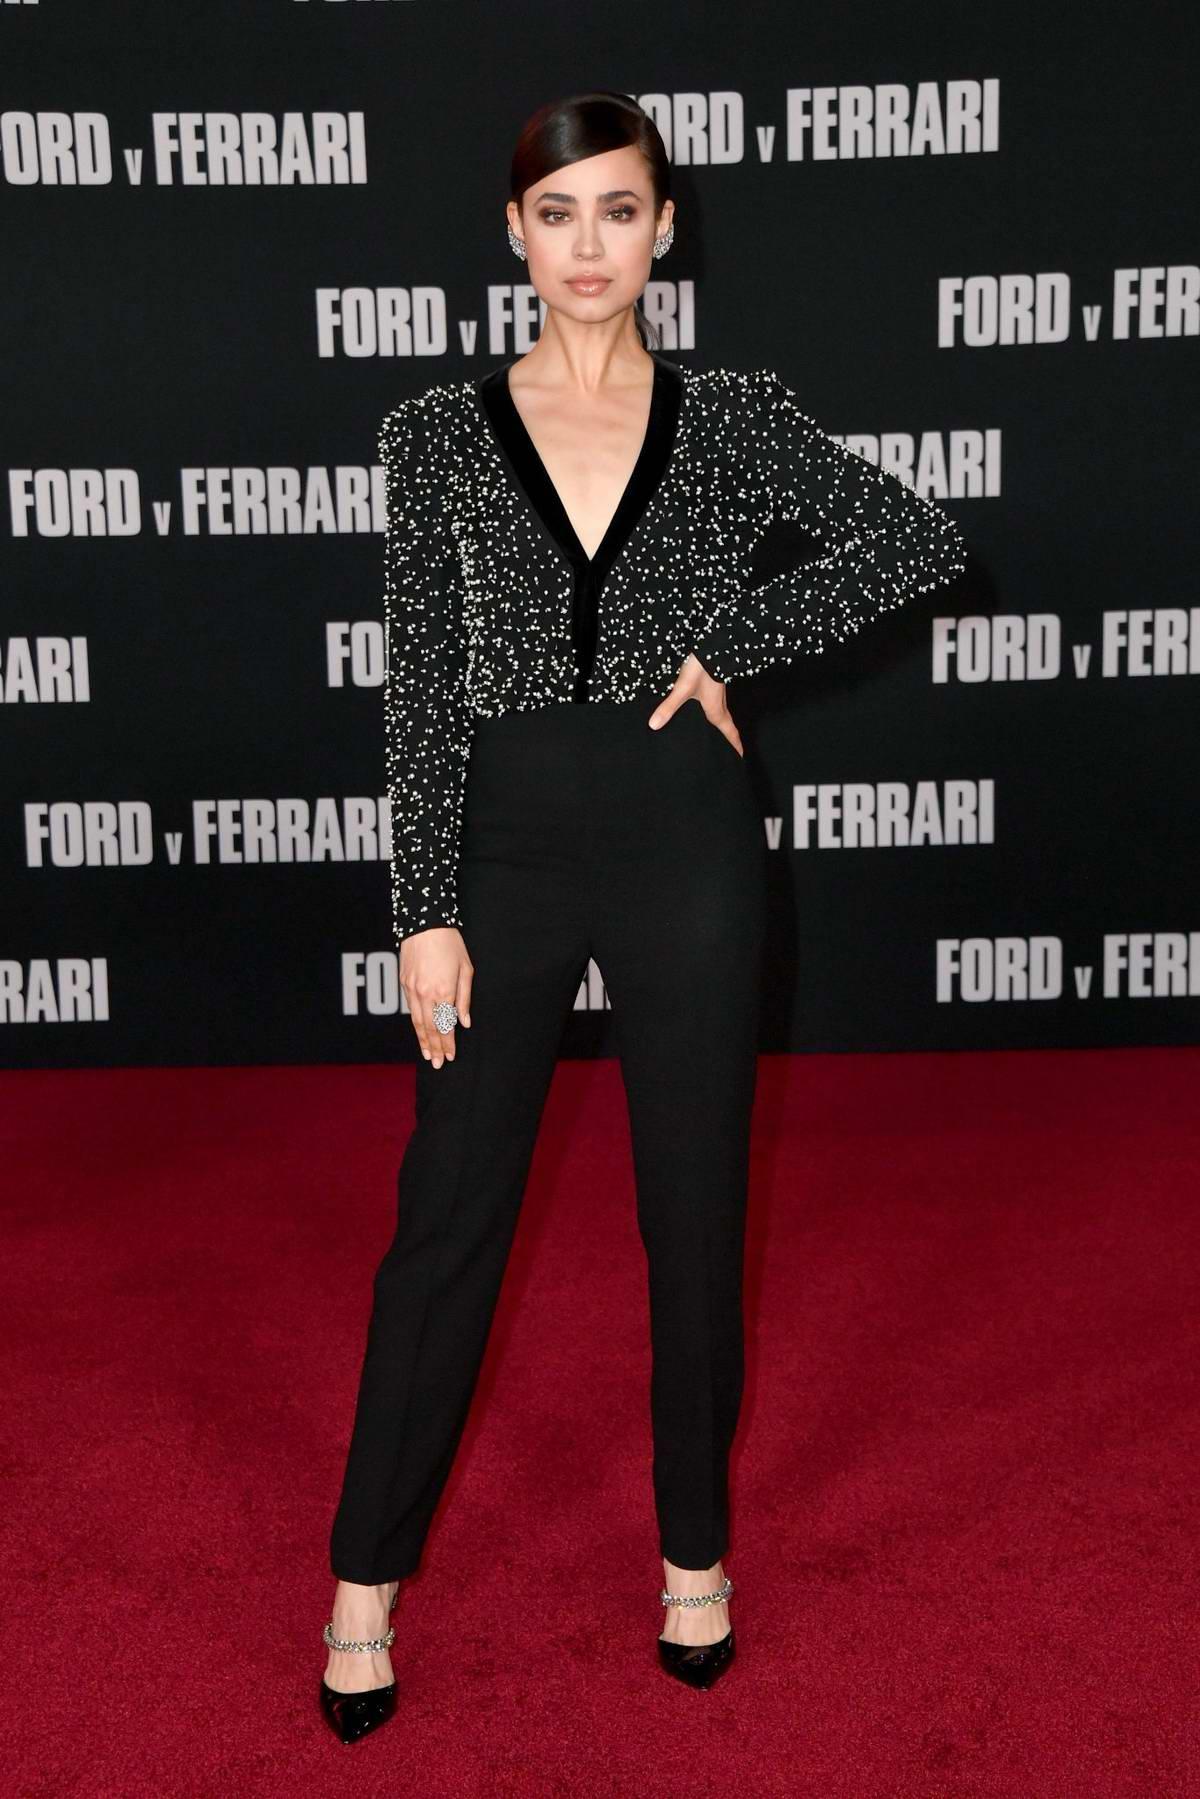 Christian Bale Matt Damon Talk Transforming For Ford V Ferrari